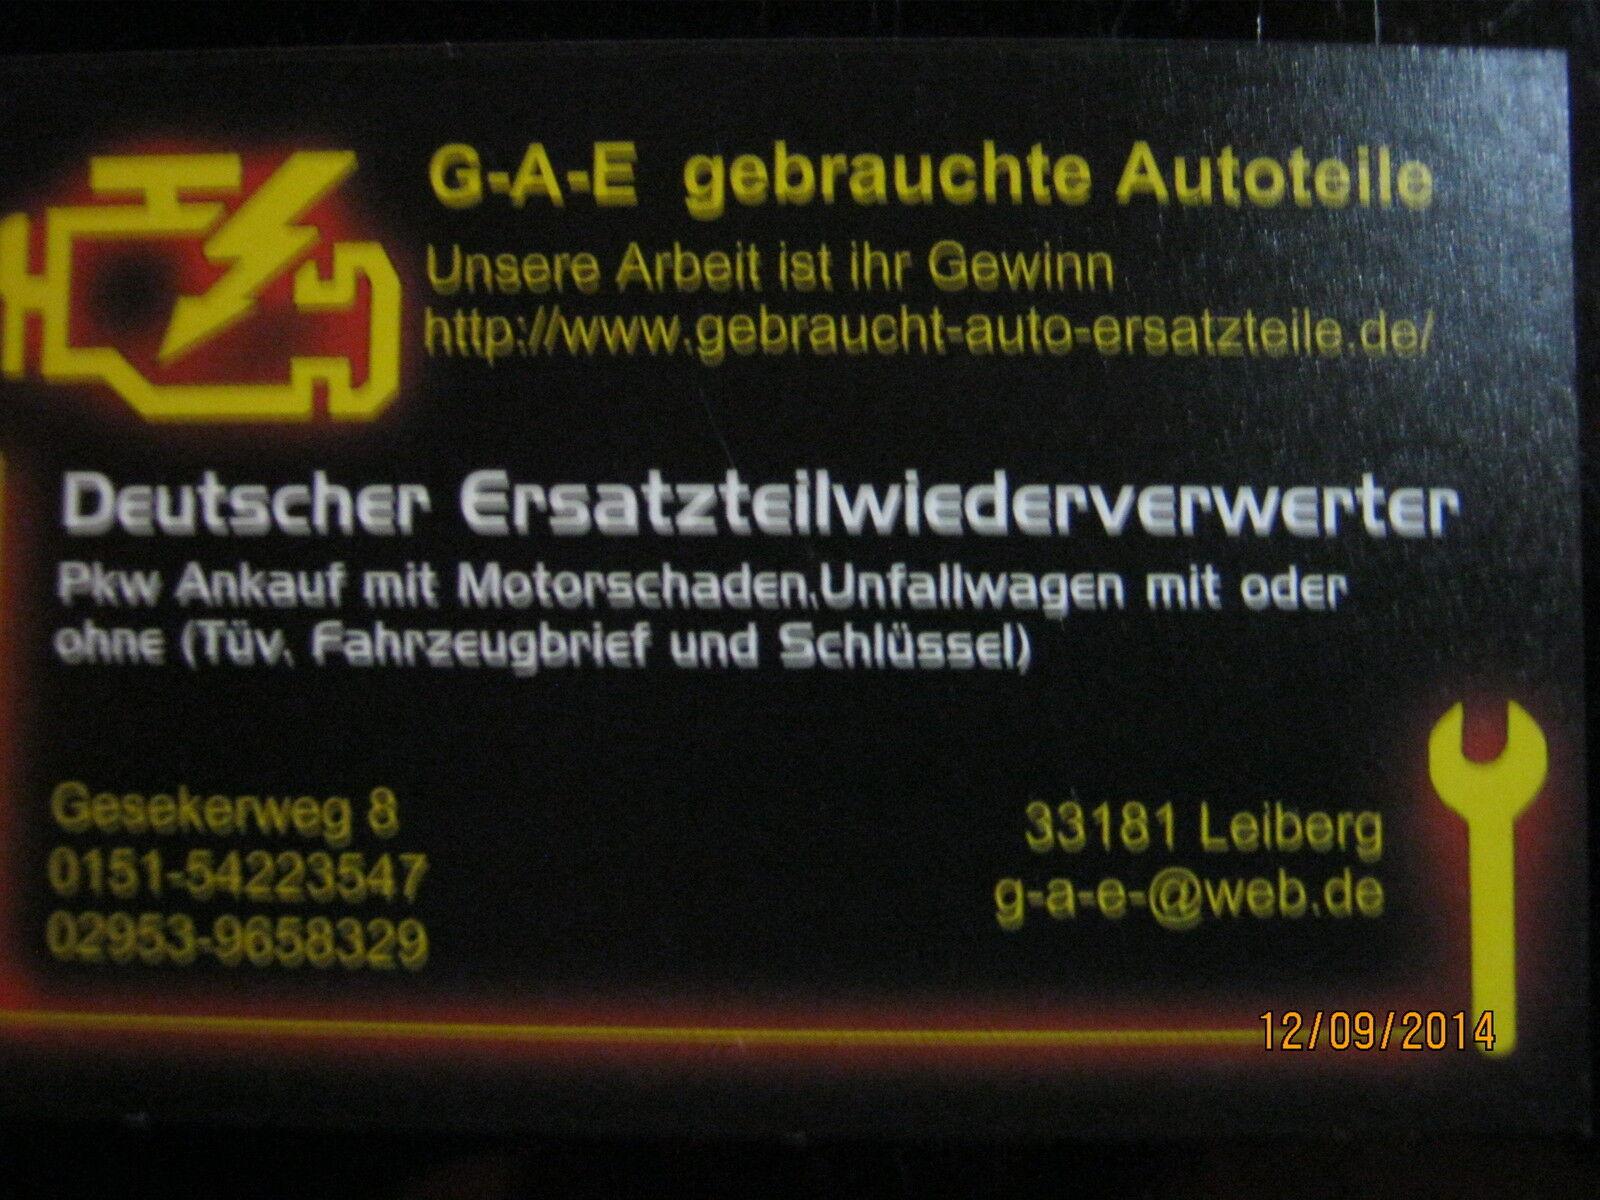 g-a-e-gebrauchte-auto-ersatzteile